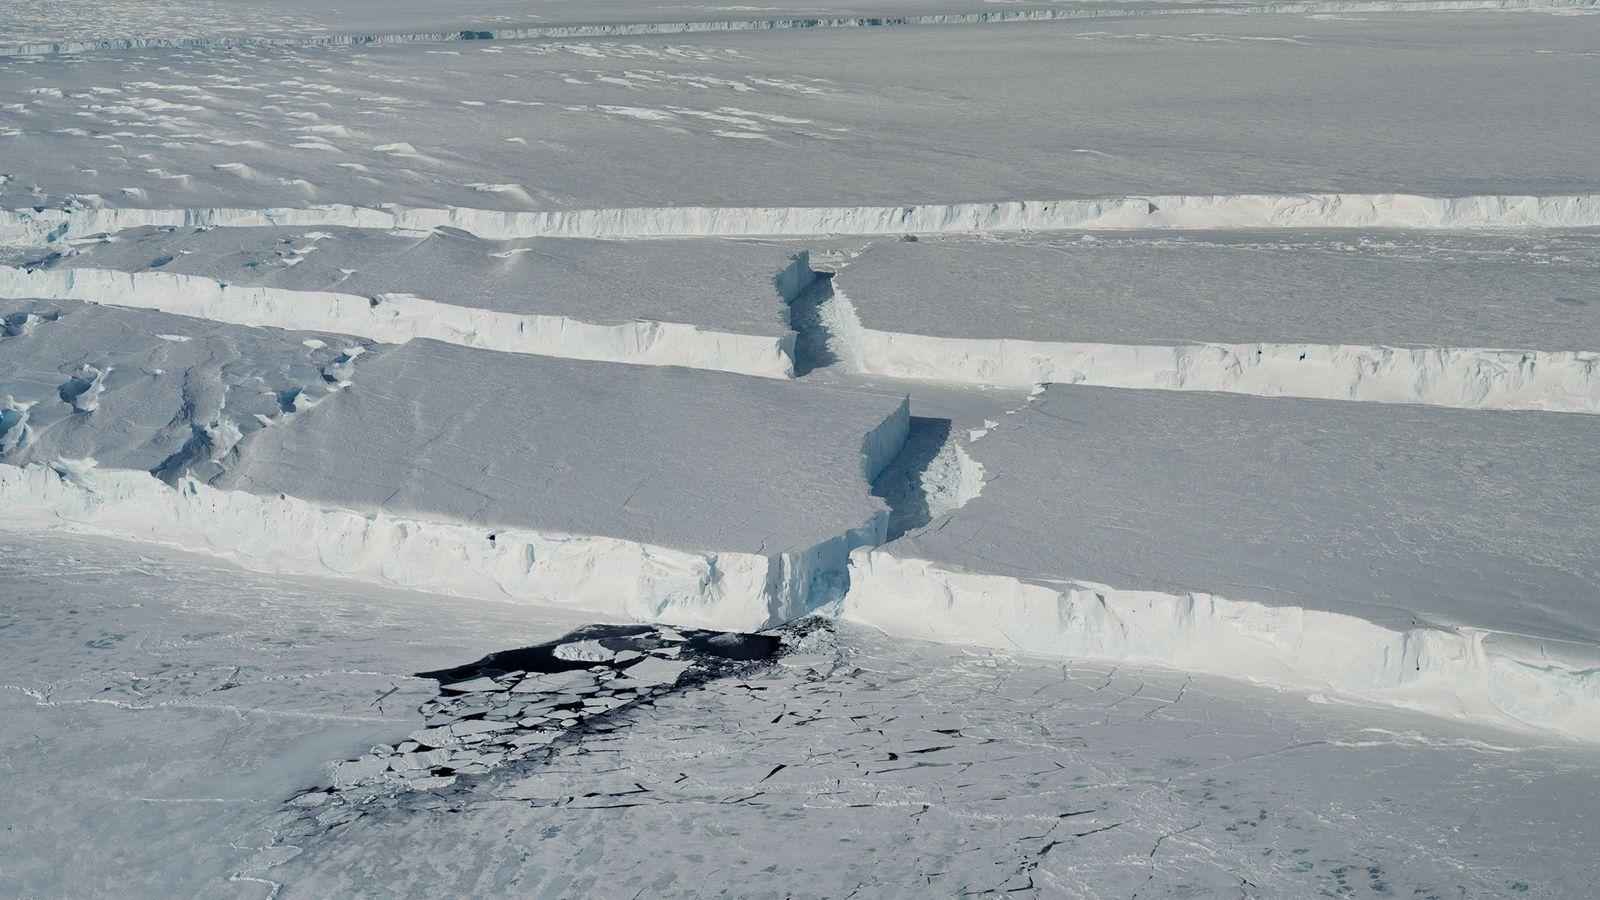 Las grietas de hielo curvas delimitan los bordes de este nuevo glaciar, apodado B-46, a medida ...